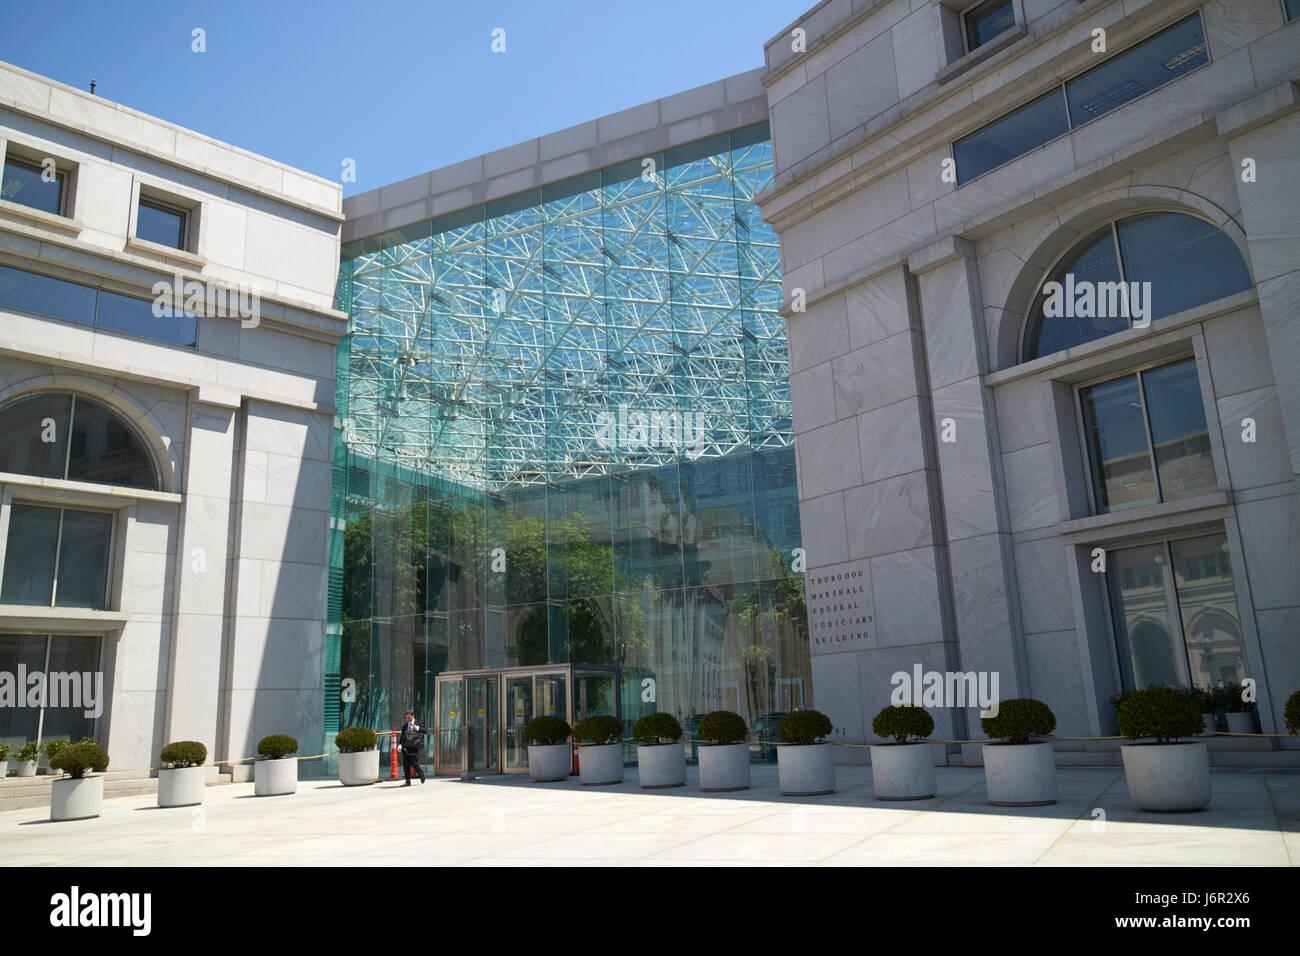 Thurgood Marshall Federal Judiciary Building Washington DC USA - Stock Image